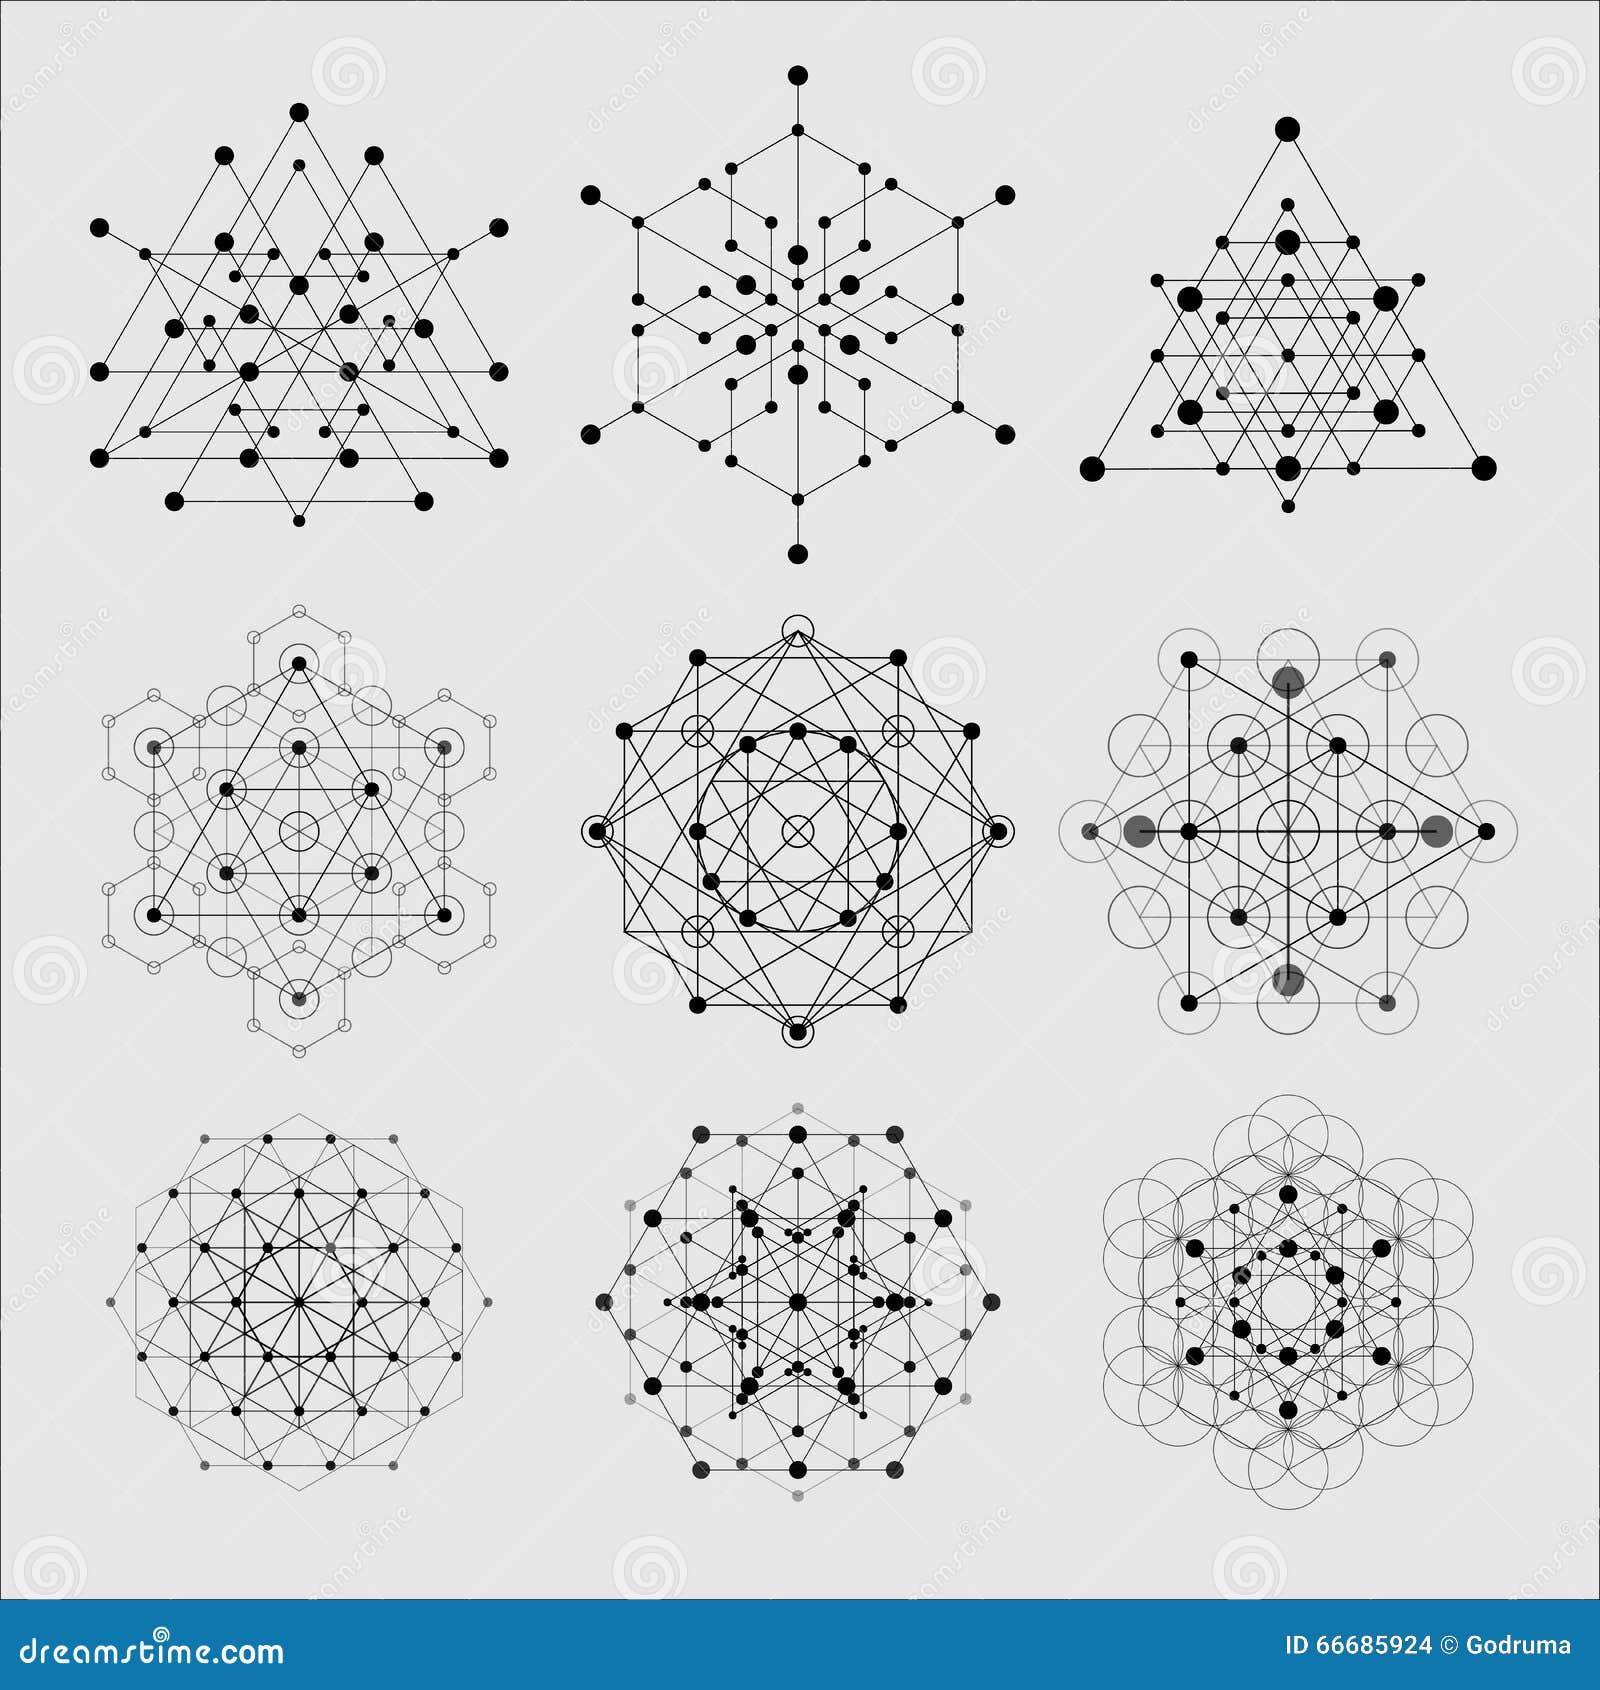 De heilige elementen van het meetkunde vectorontwerp Alchimie, godsdienst, filosofie, spiritualiteit, hipster symbolen en element